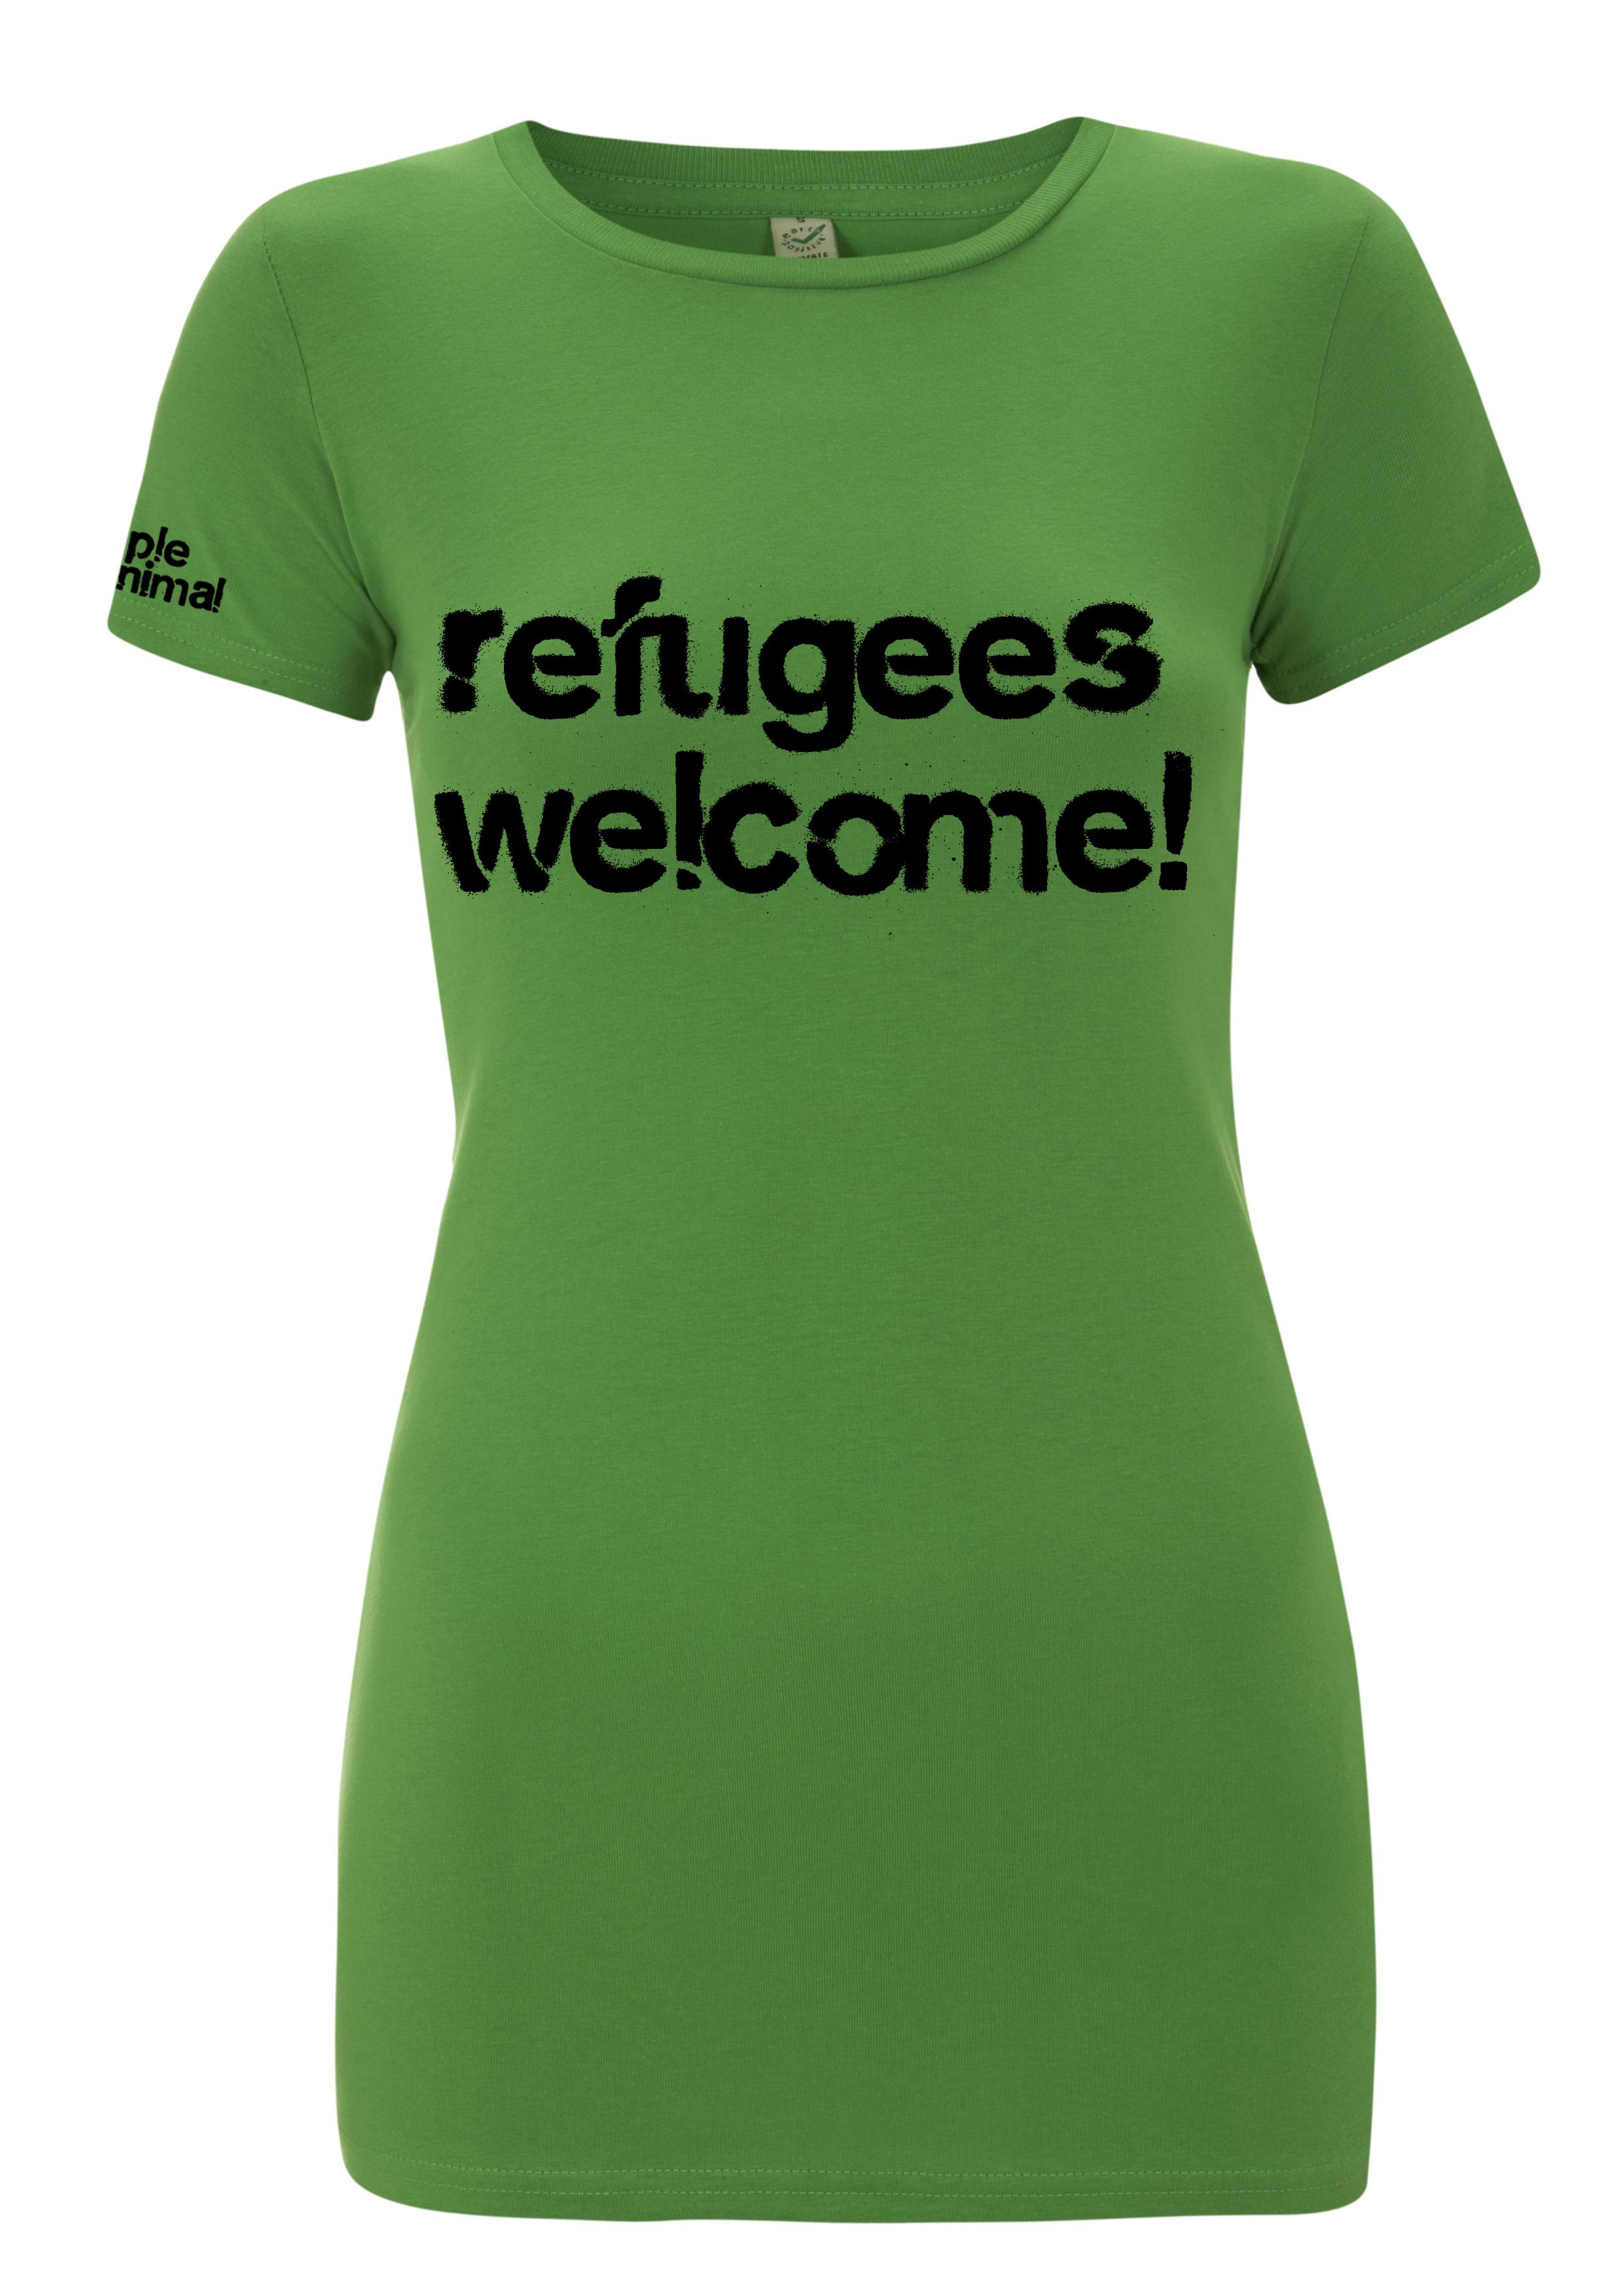 Refugees_Classic Girls Light Green.jpg